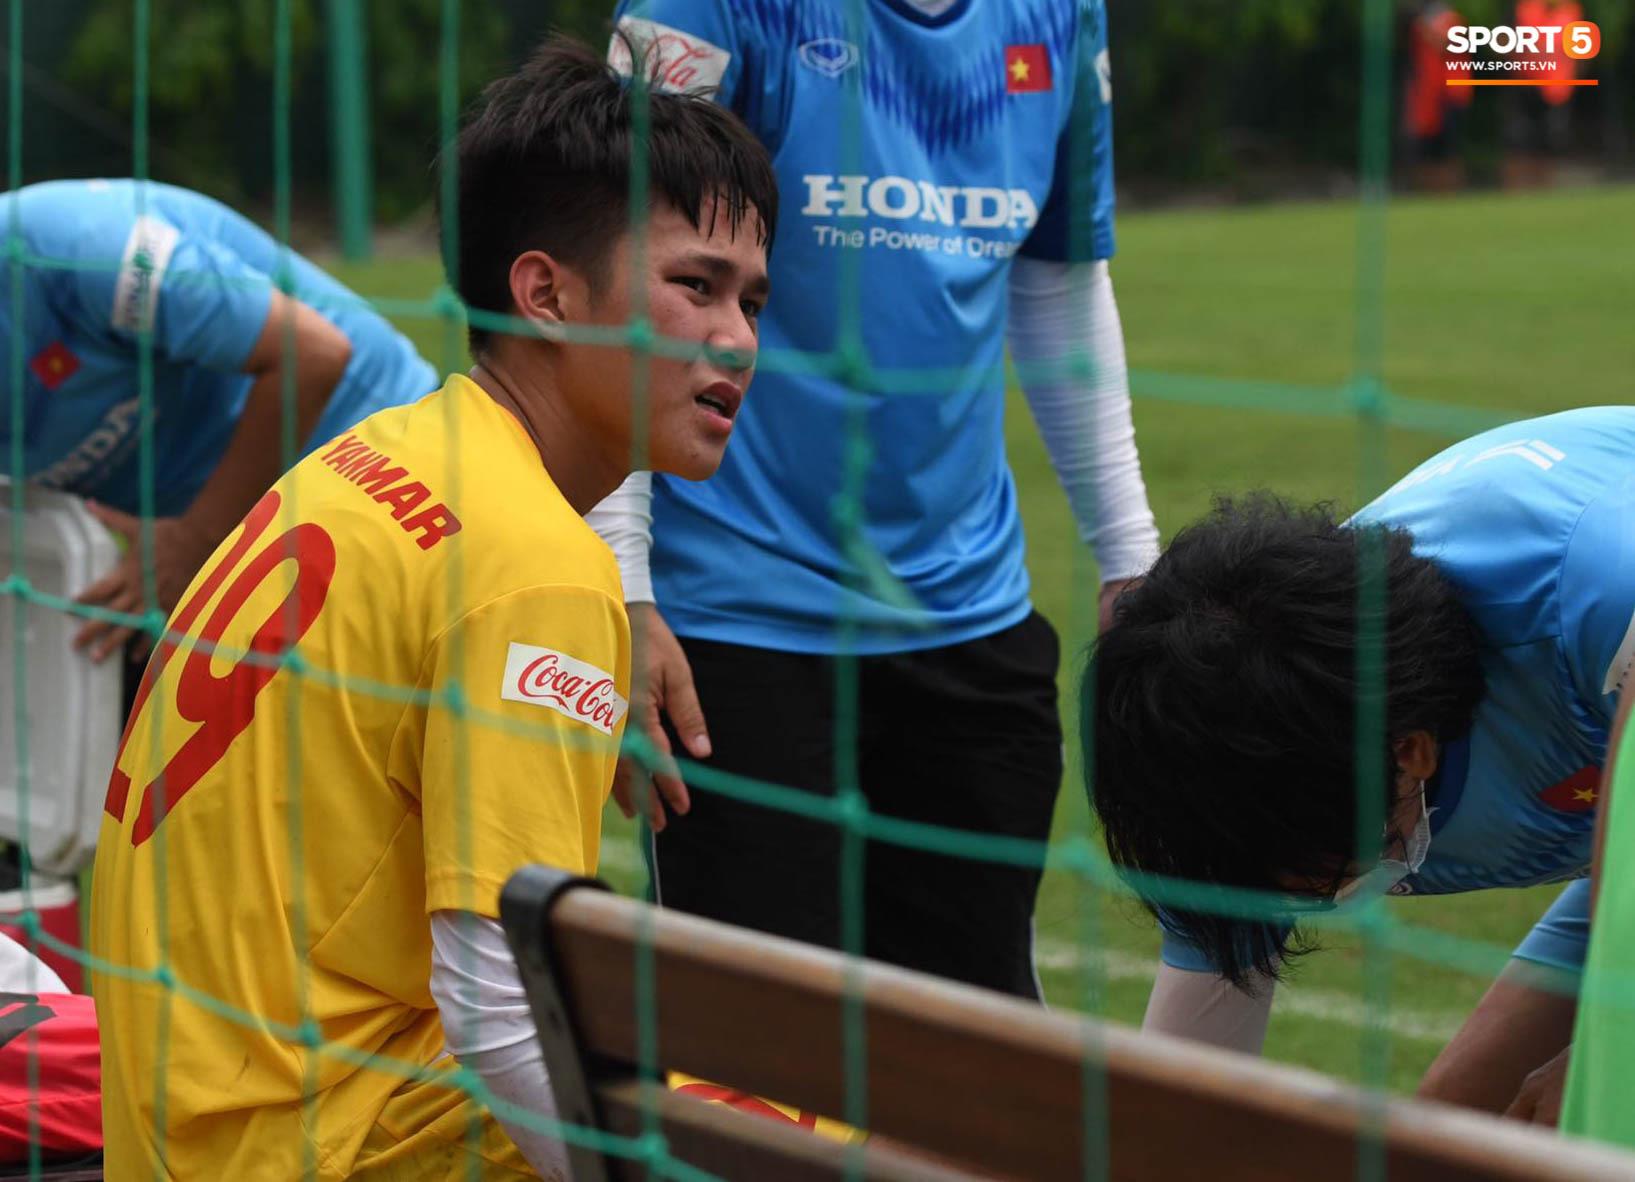 Cảm động khoảnh khắc tuyển thủ U22 Việt Nam cõng bạn chấn thương đi dưới trời mưa - Ảnh 1.